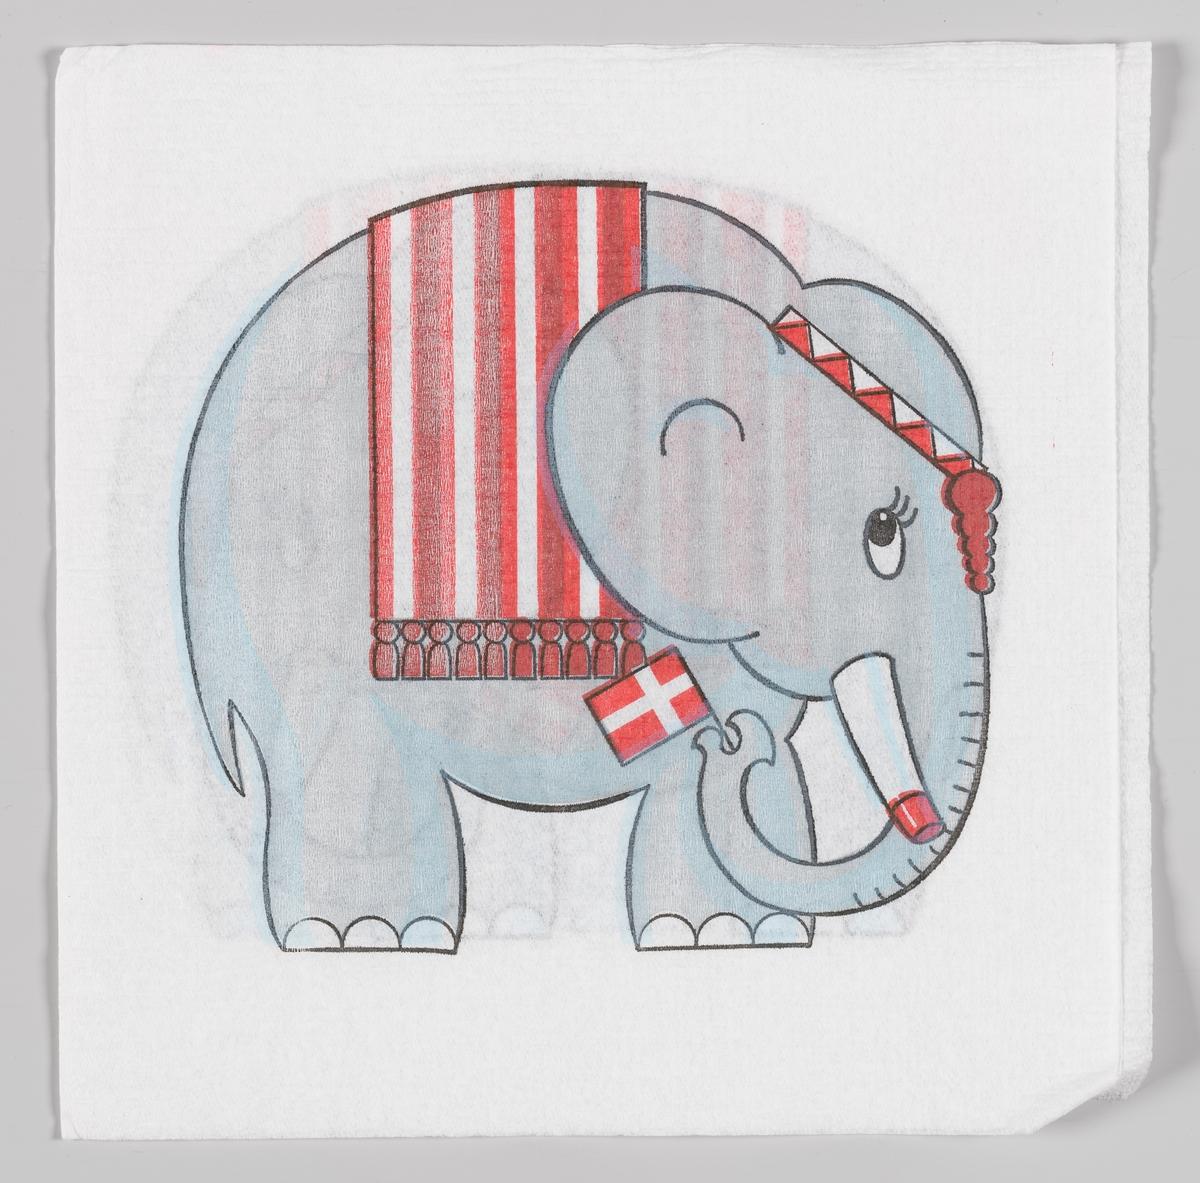 En elefant med stripet dekken og pannebånd vinker med et dansk flagg.